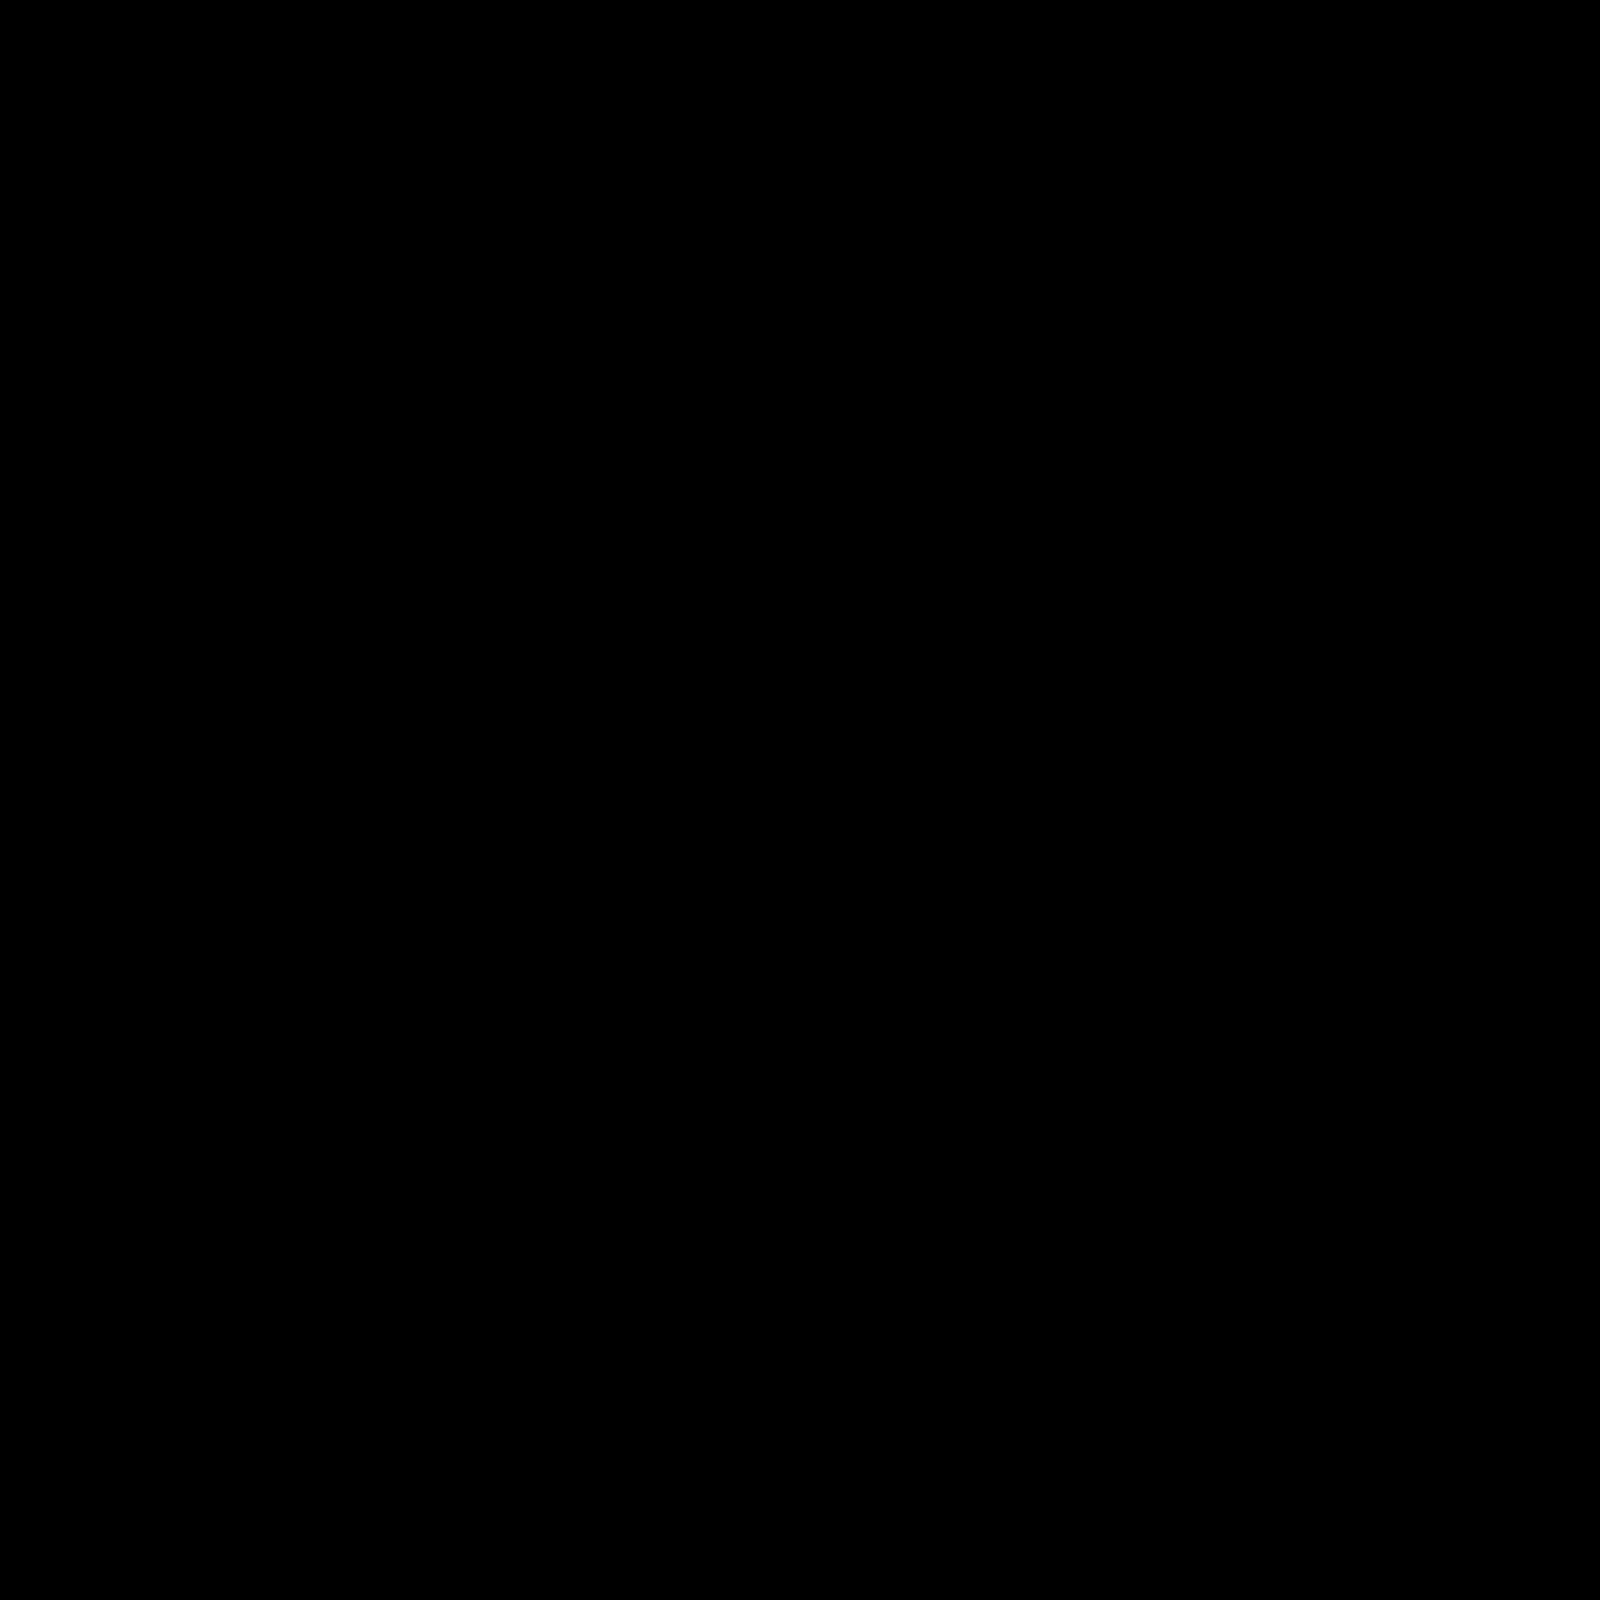 Moka Pot Filled icon